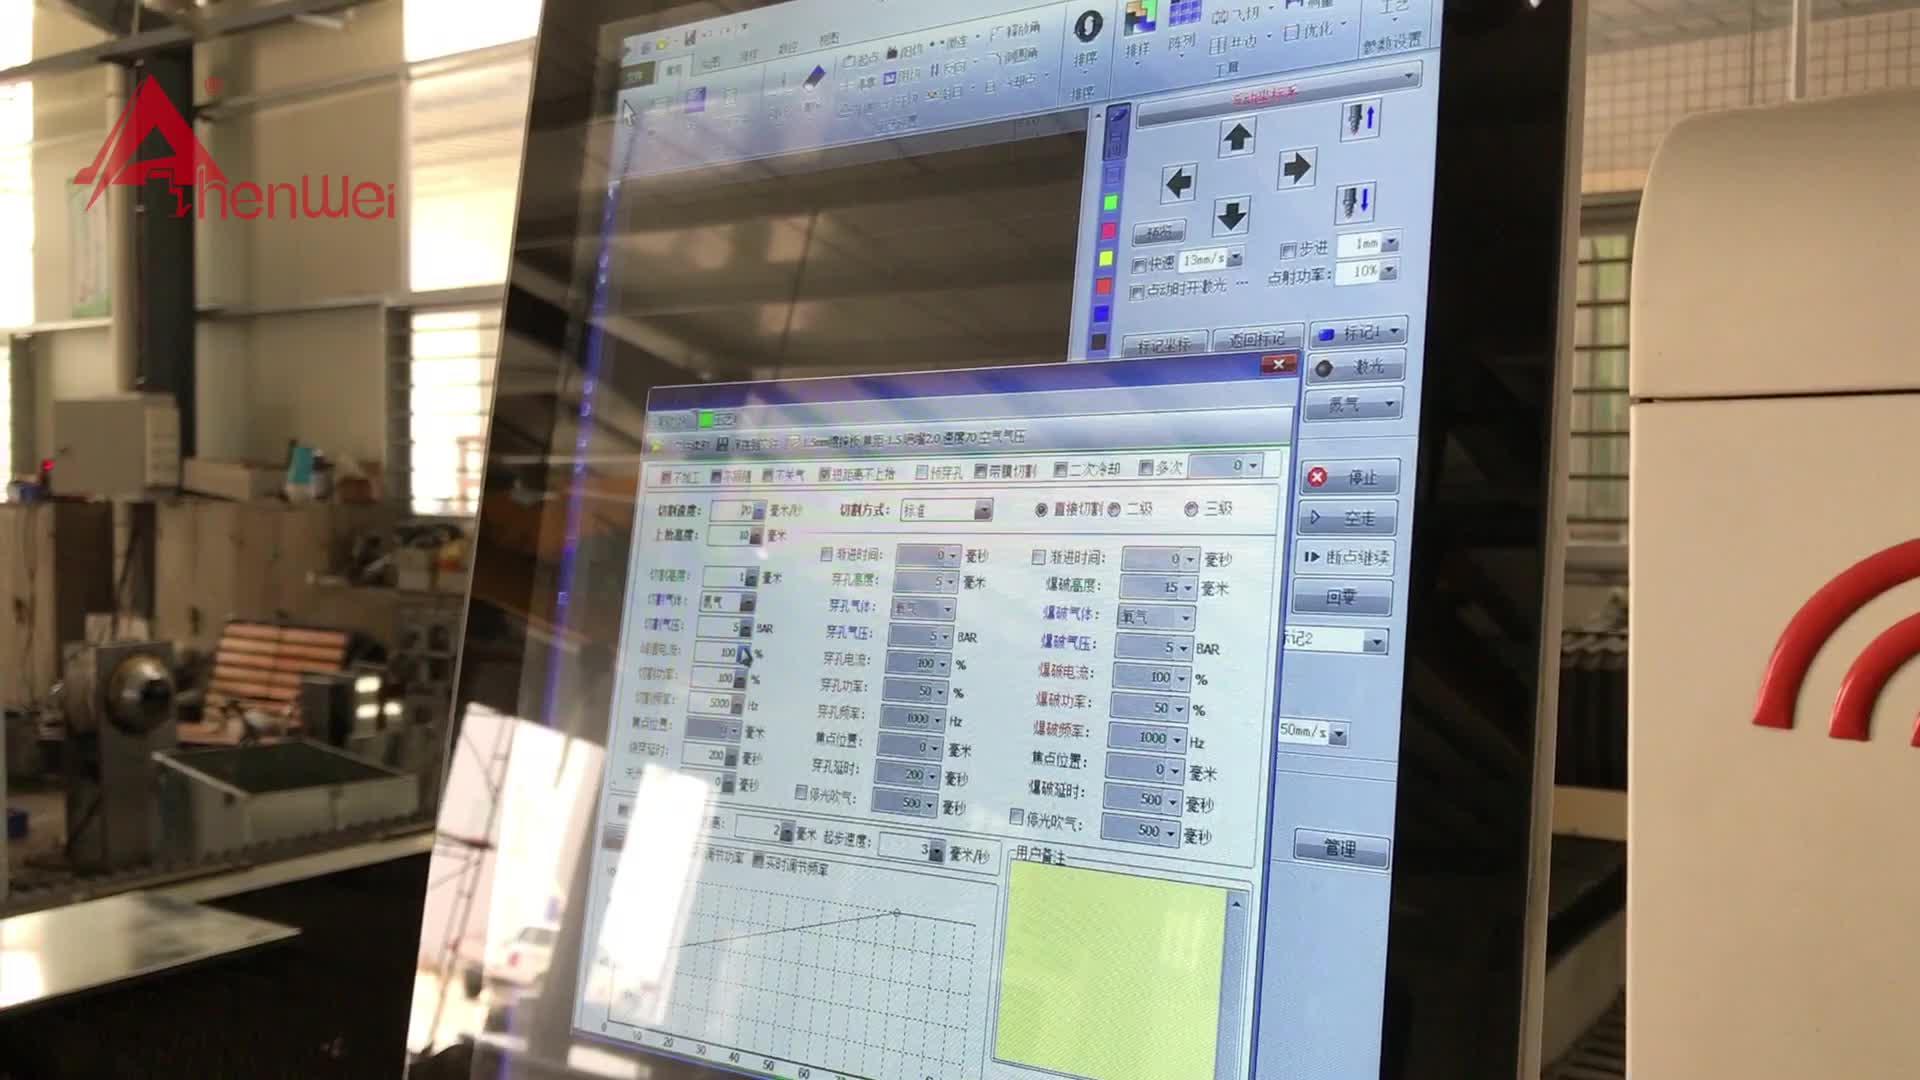 Certificat D'IEC l'entrepreneur d'achat armoire zhenwei prix usine pompe à eau électrique armoire de commande pour l'immobilier